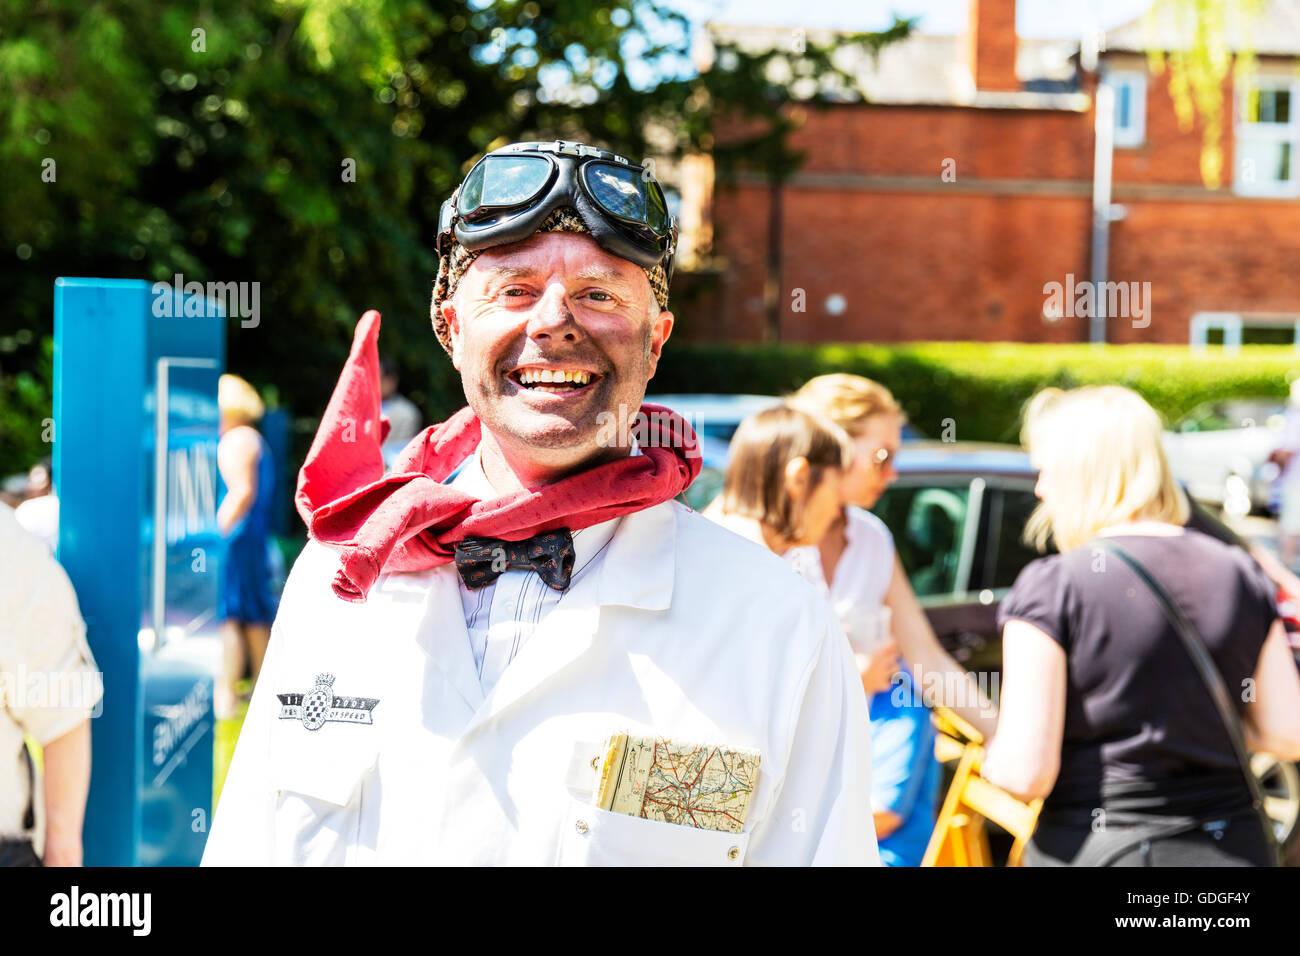 Racer Goodwood Auto Racing Firma Driver Navigator Autokarte und Schutzbrillen dreckiges Gesicht Dreck und Schmutz Stockbild